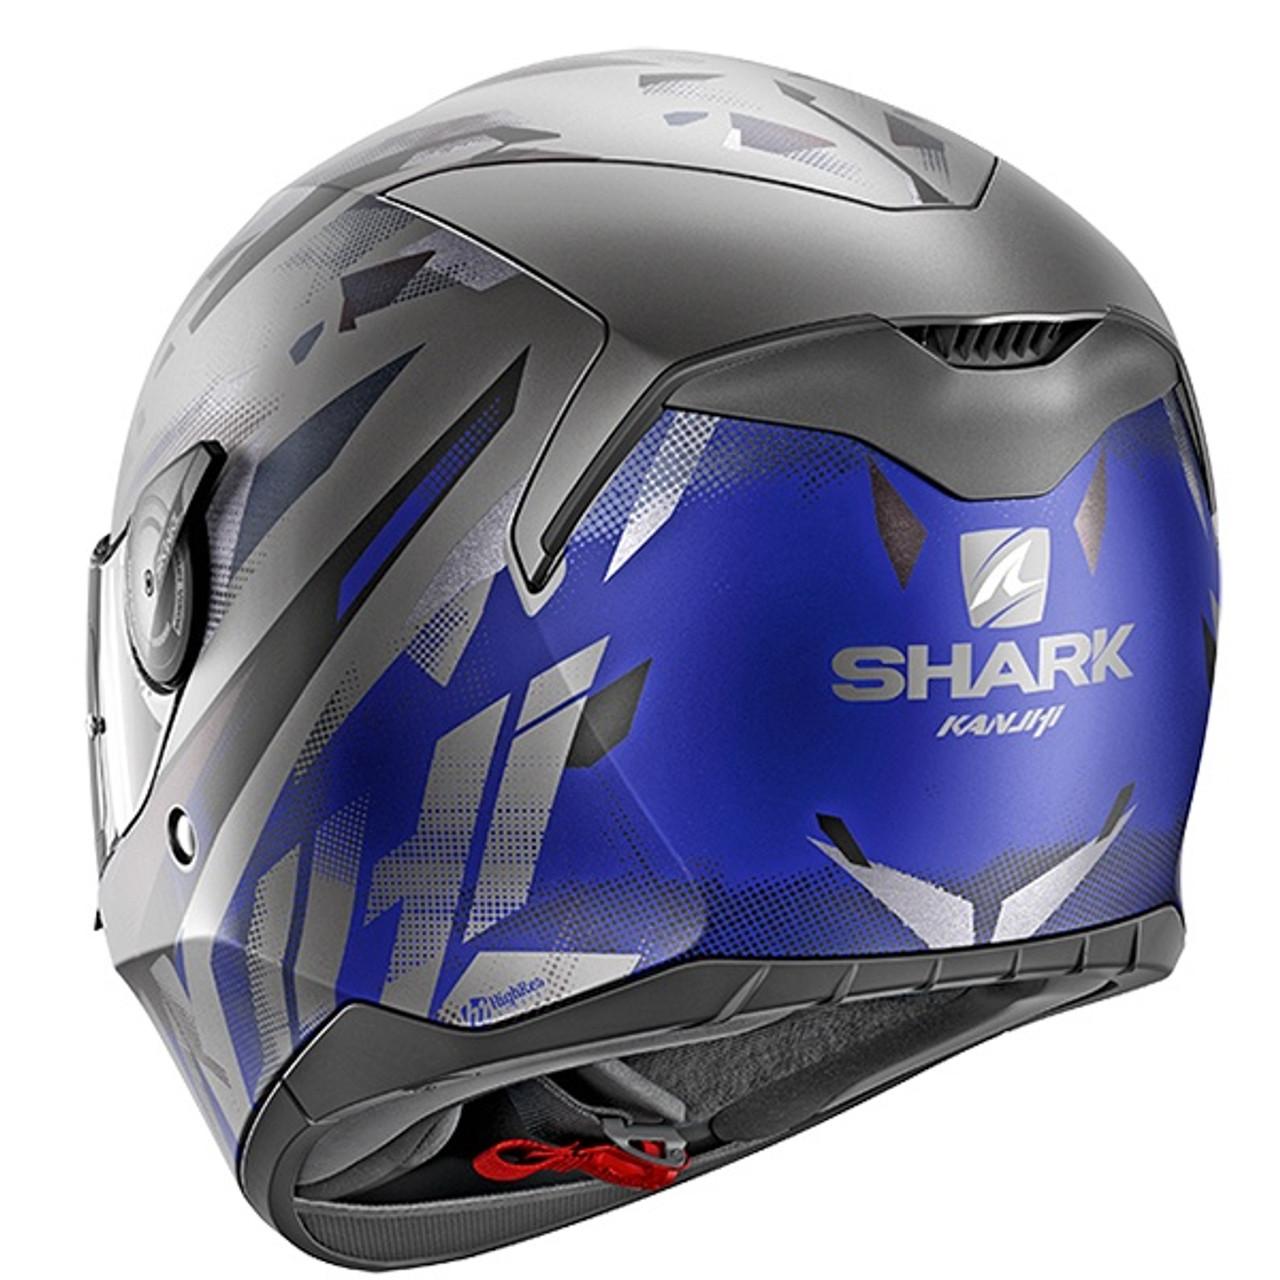 Shark D-Skwal Kanhji Full Face Helmet Mat ABK - Anthracite / Blue / Black